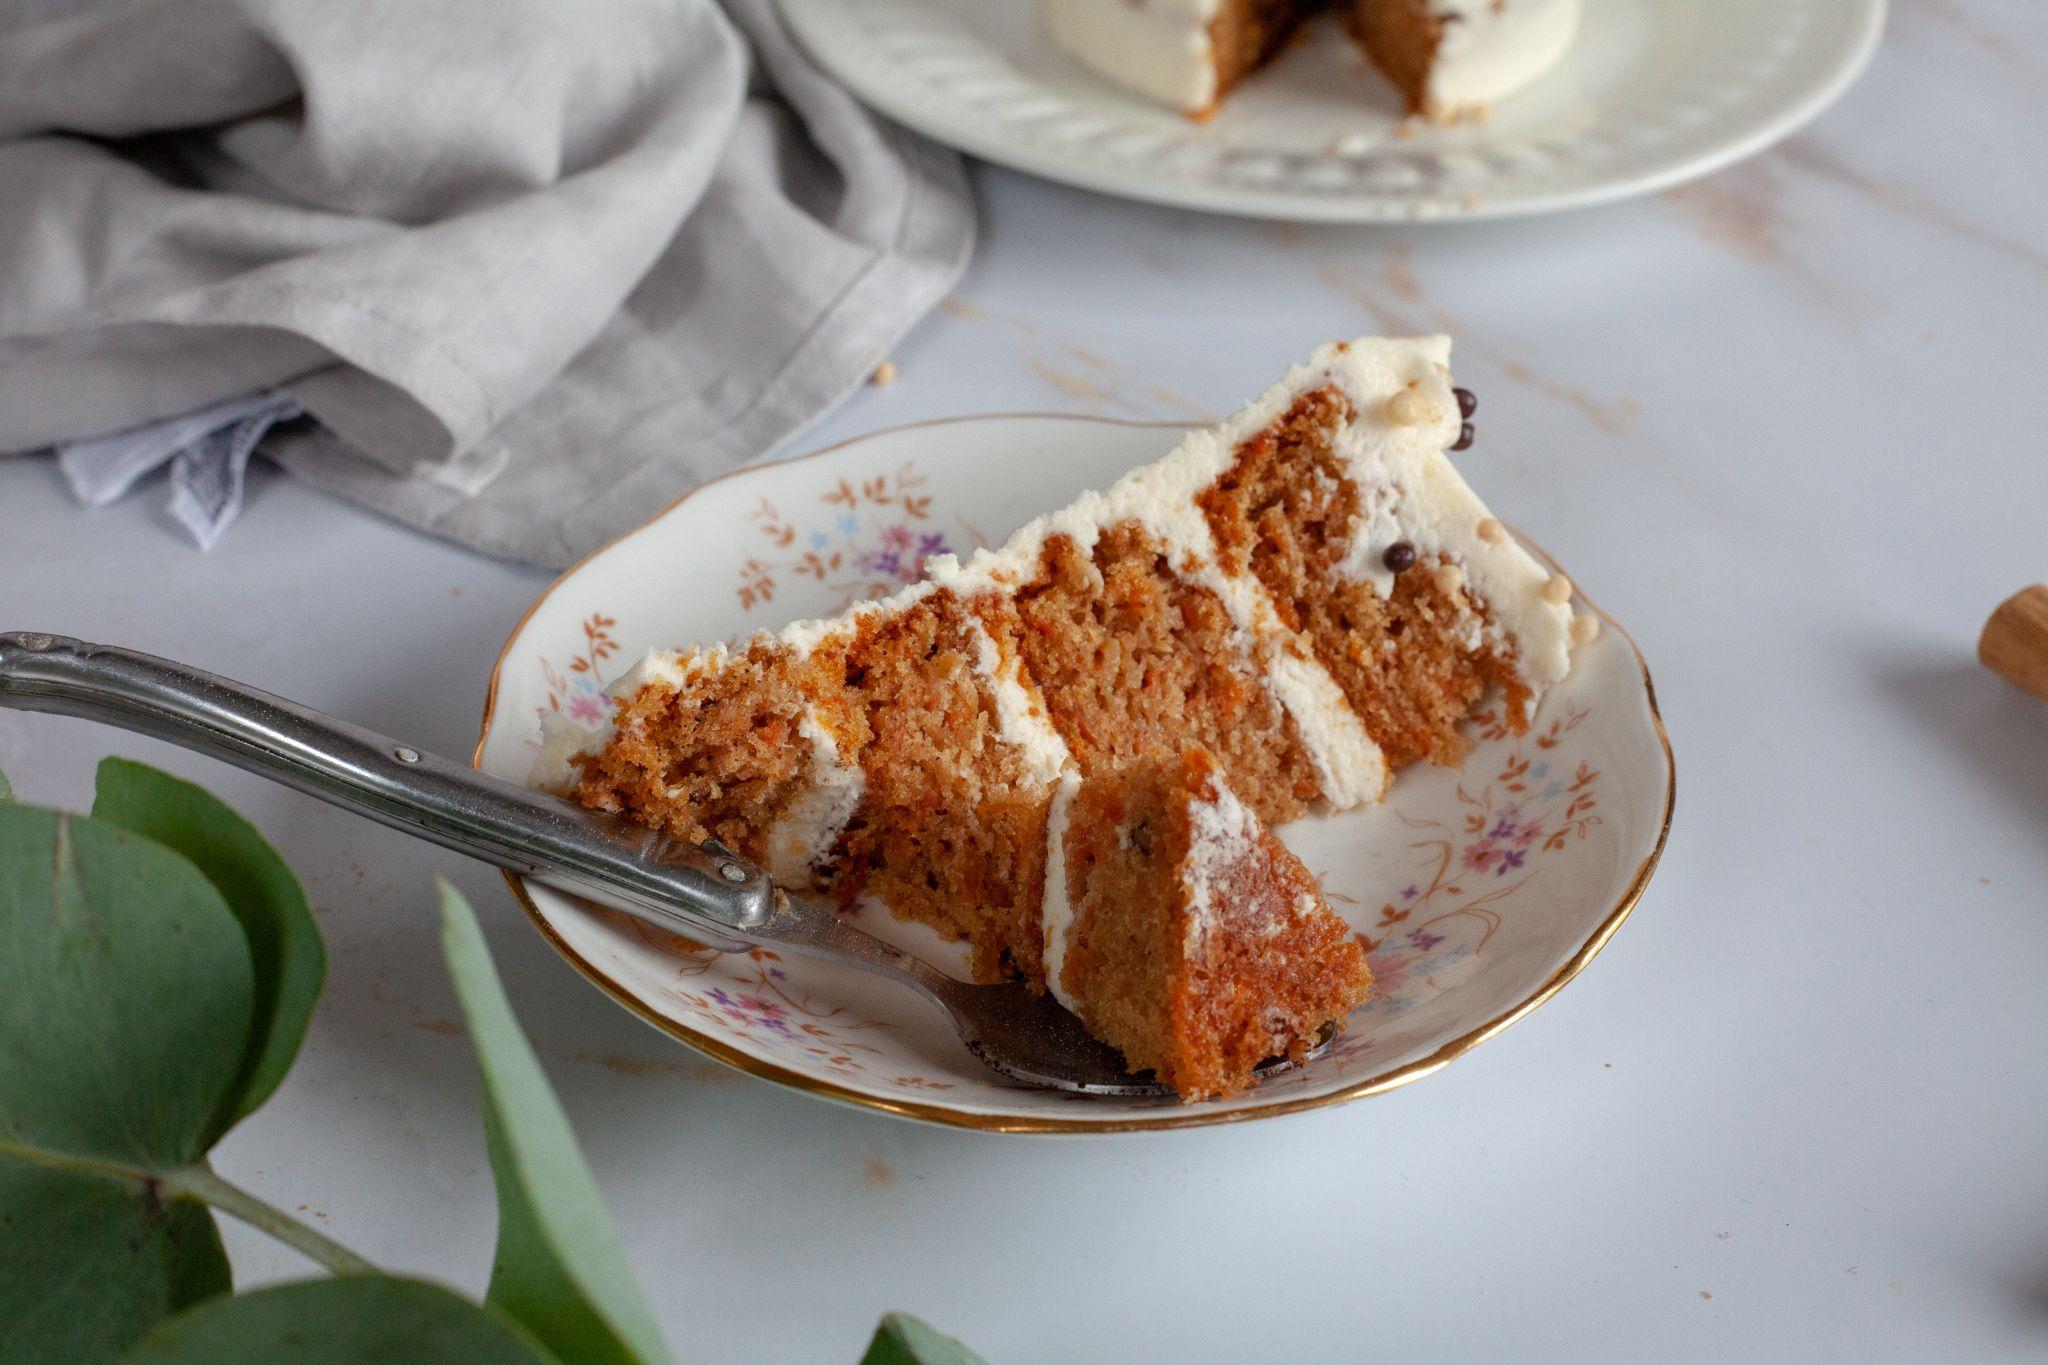 carrot cakre recipe